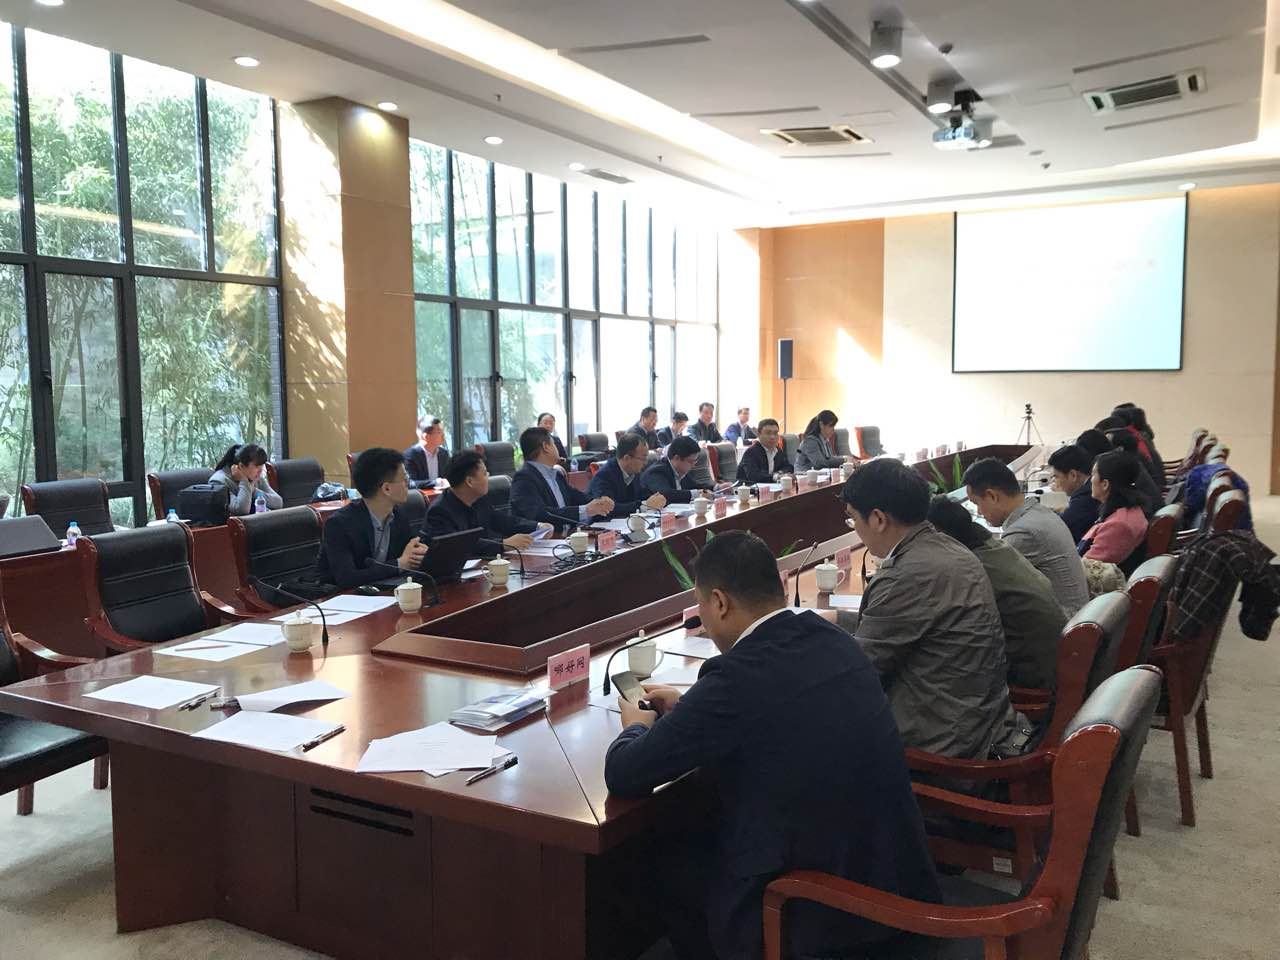 天津港保税区与北京创新资源第二次合作交流会圆满成功